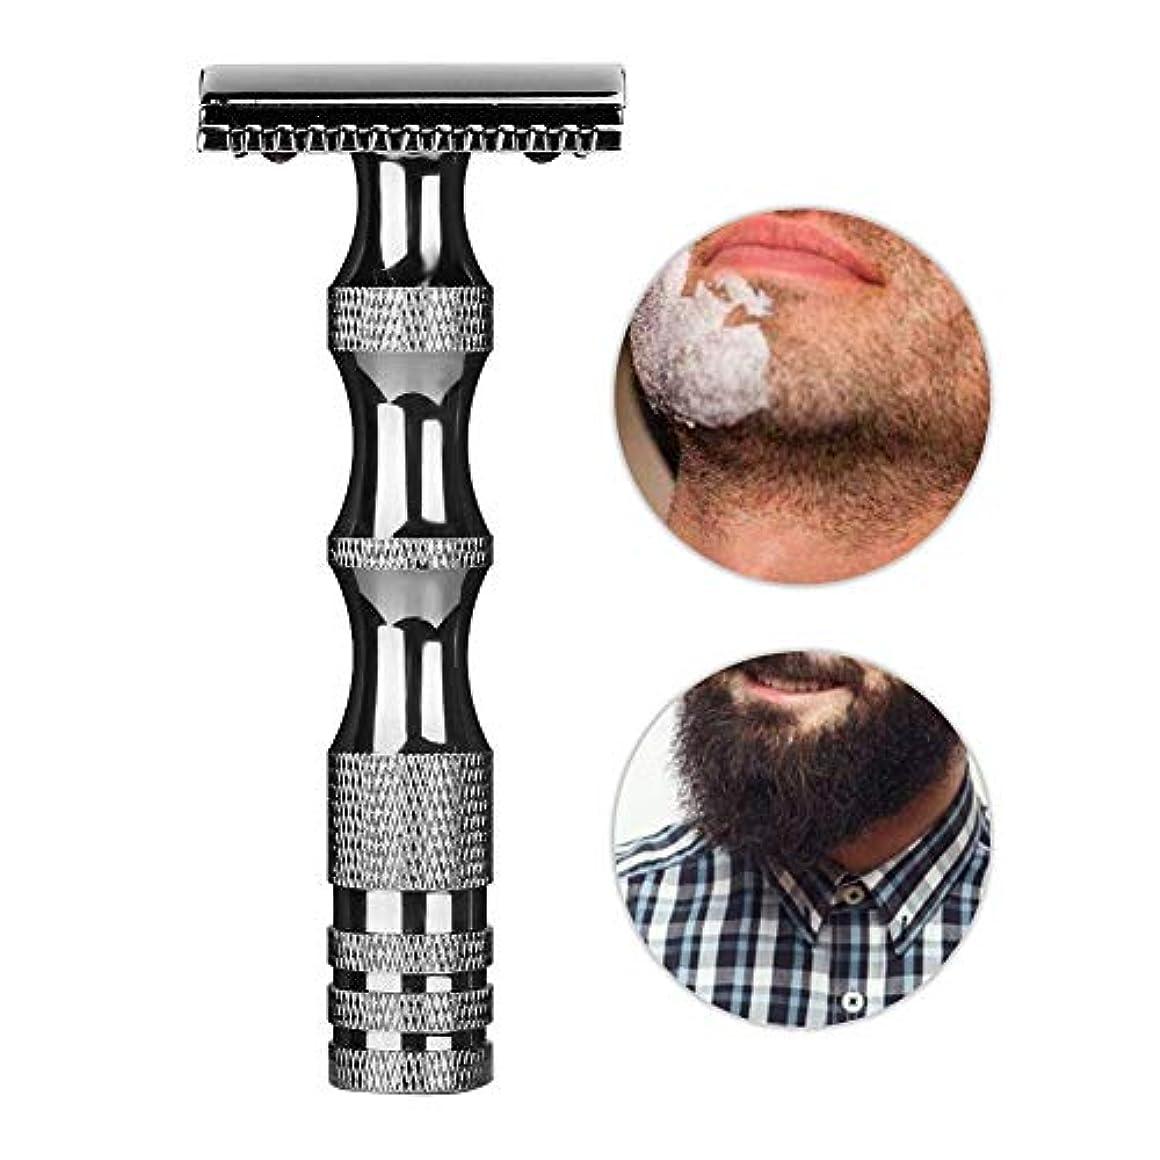 アリエイズチーズ安全剃刀、クラシックメンズ滑り止めメタルハンドルデュアルエッジシェーバーヴィンテージスタイルメンズ安全剃刀、スムーズで快適な髭剃り(Dark Silver)